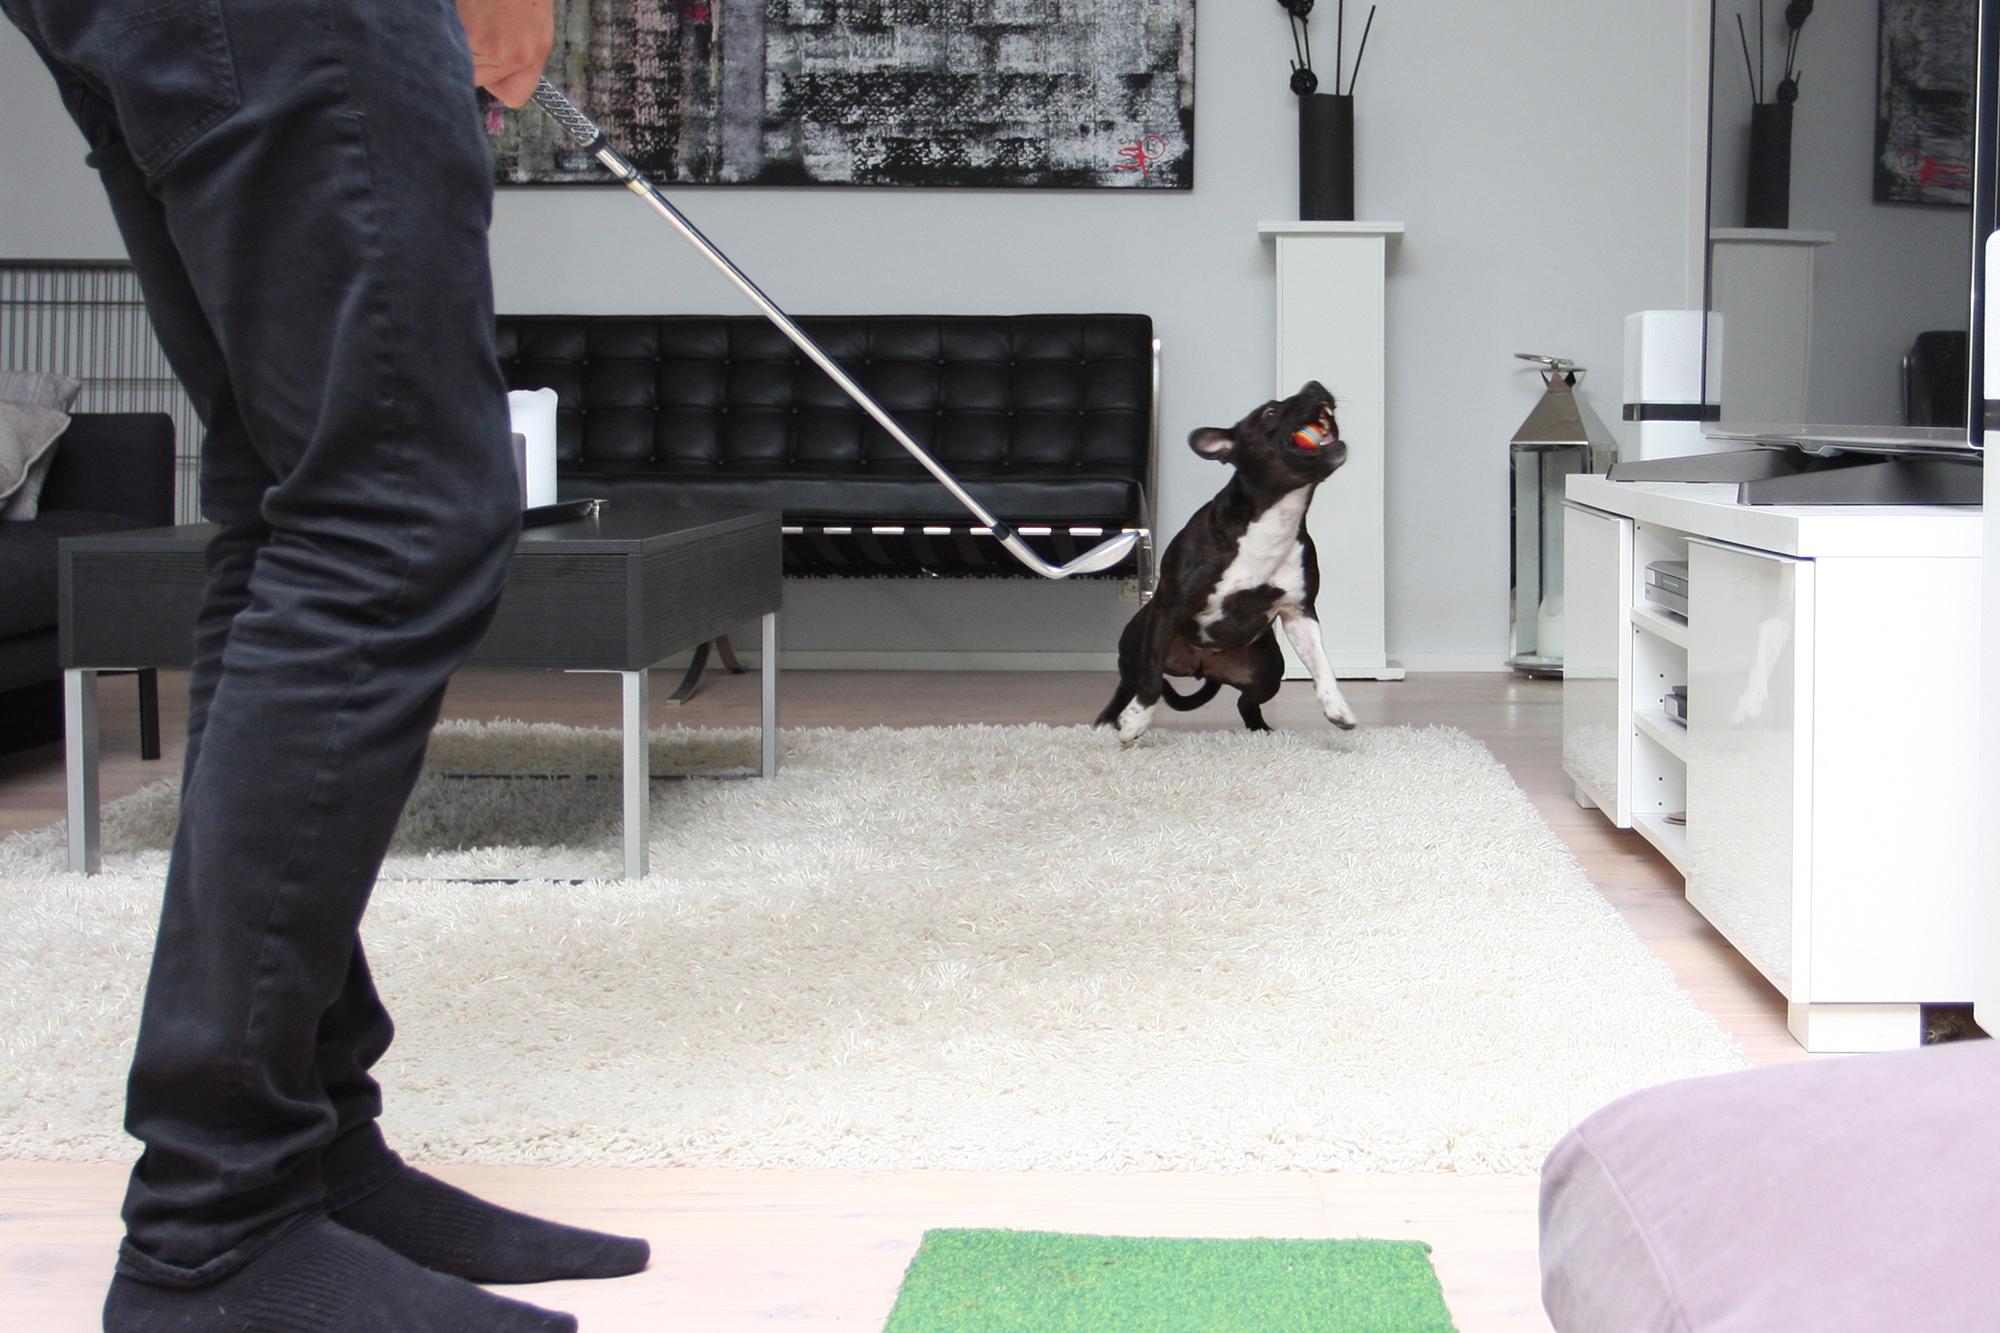 Chippejä koiralle pehmopalloilla, hyvä kohdeharjoite ja koiralle hyvä keskittymistreeni